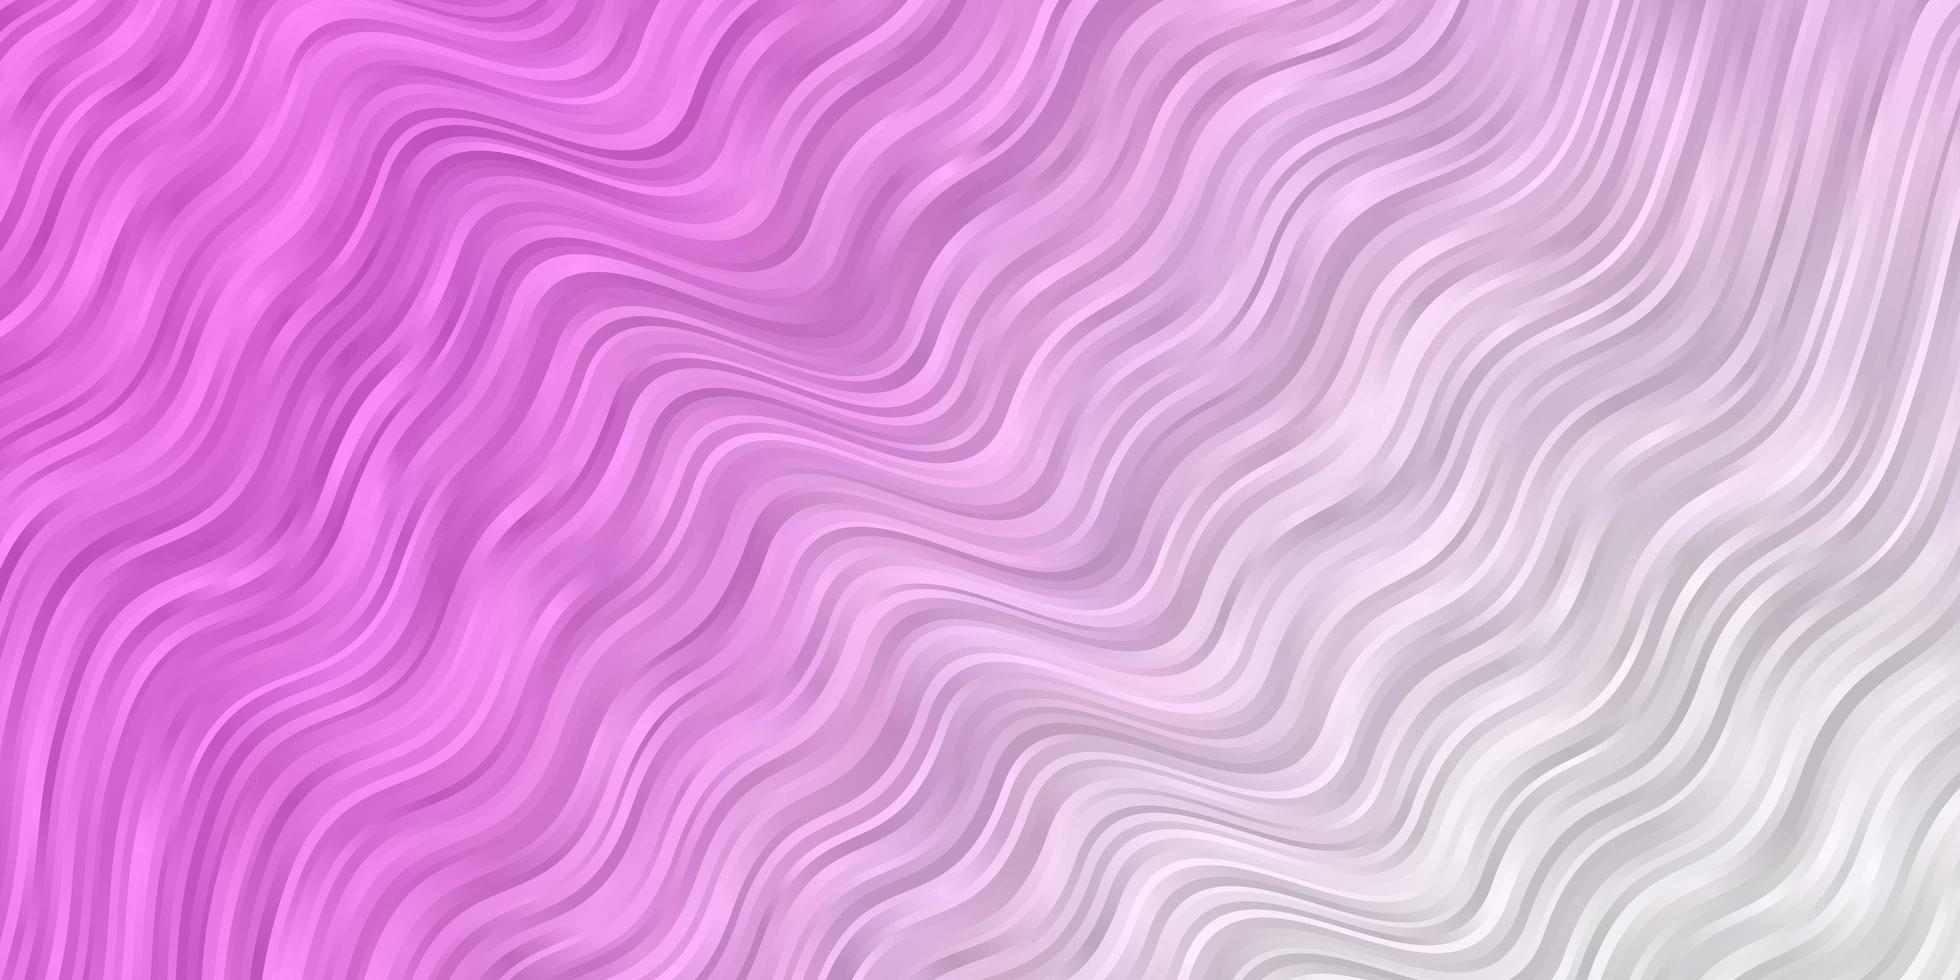 hellrosa Vektormuster mit gekrümmten Linien. vektor